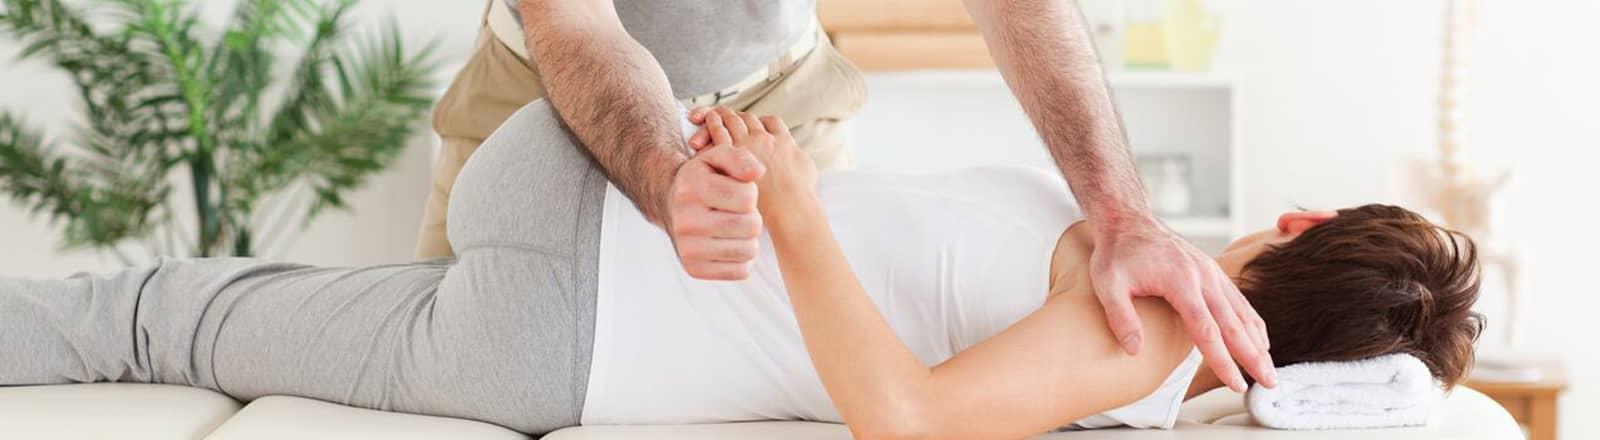 osteopatia estructural Palma